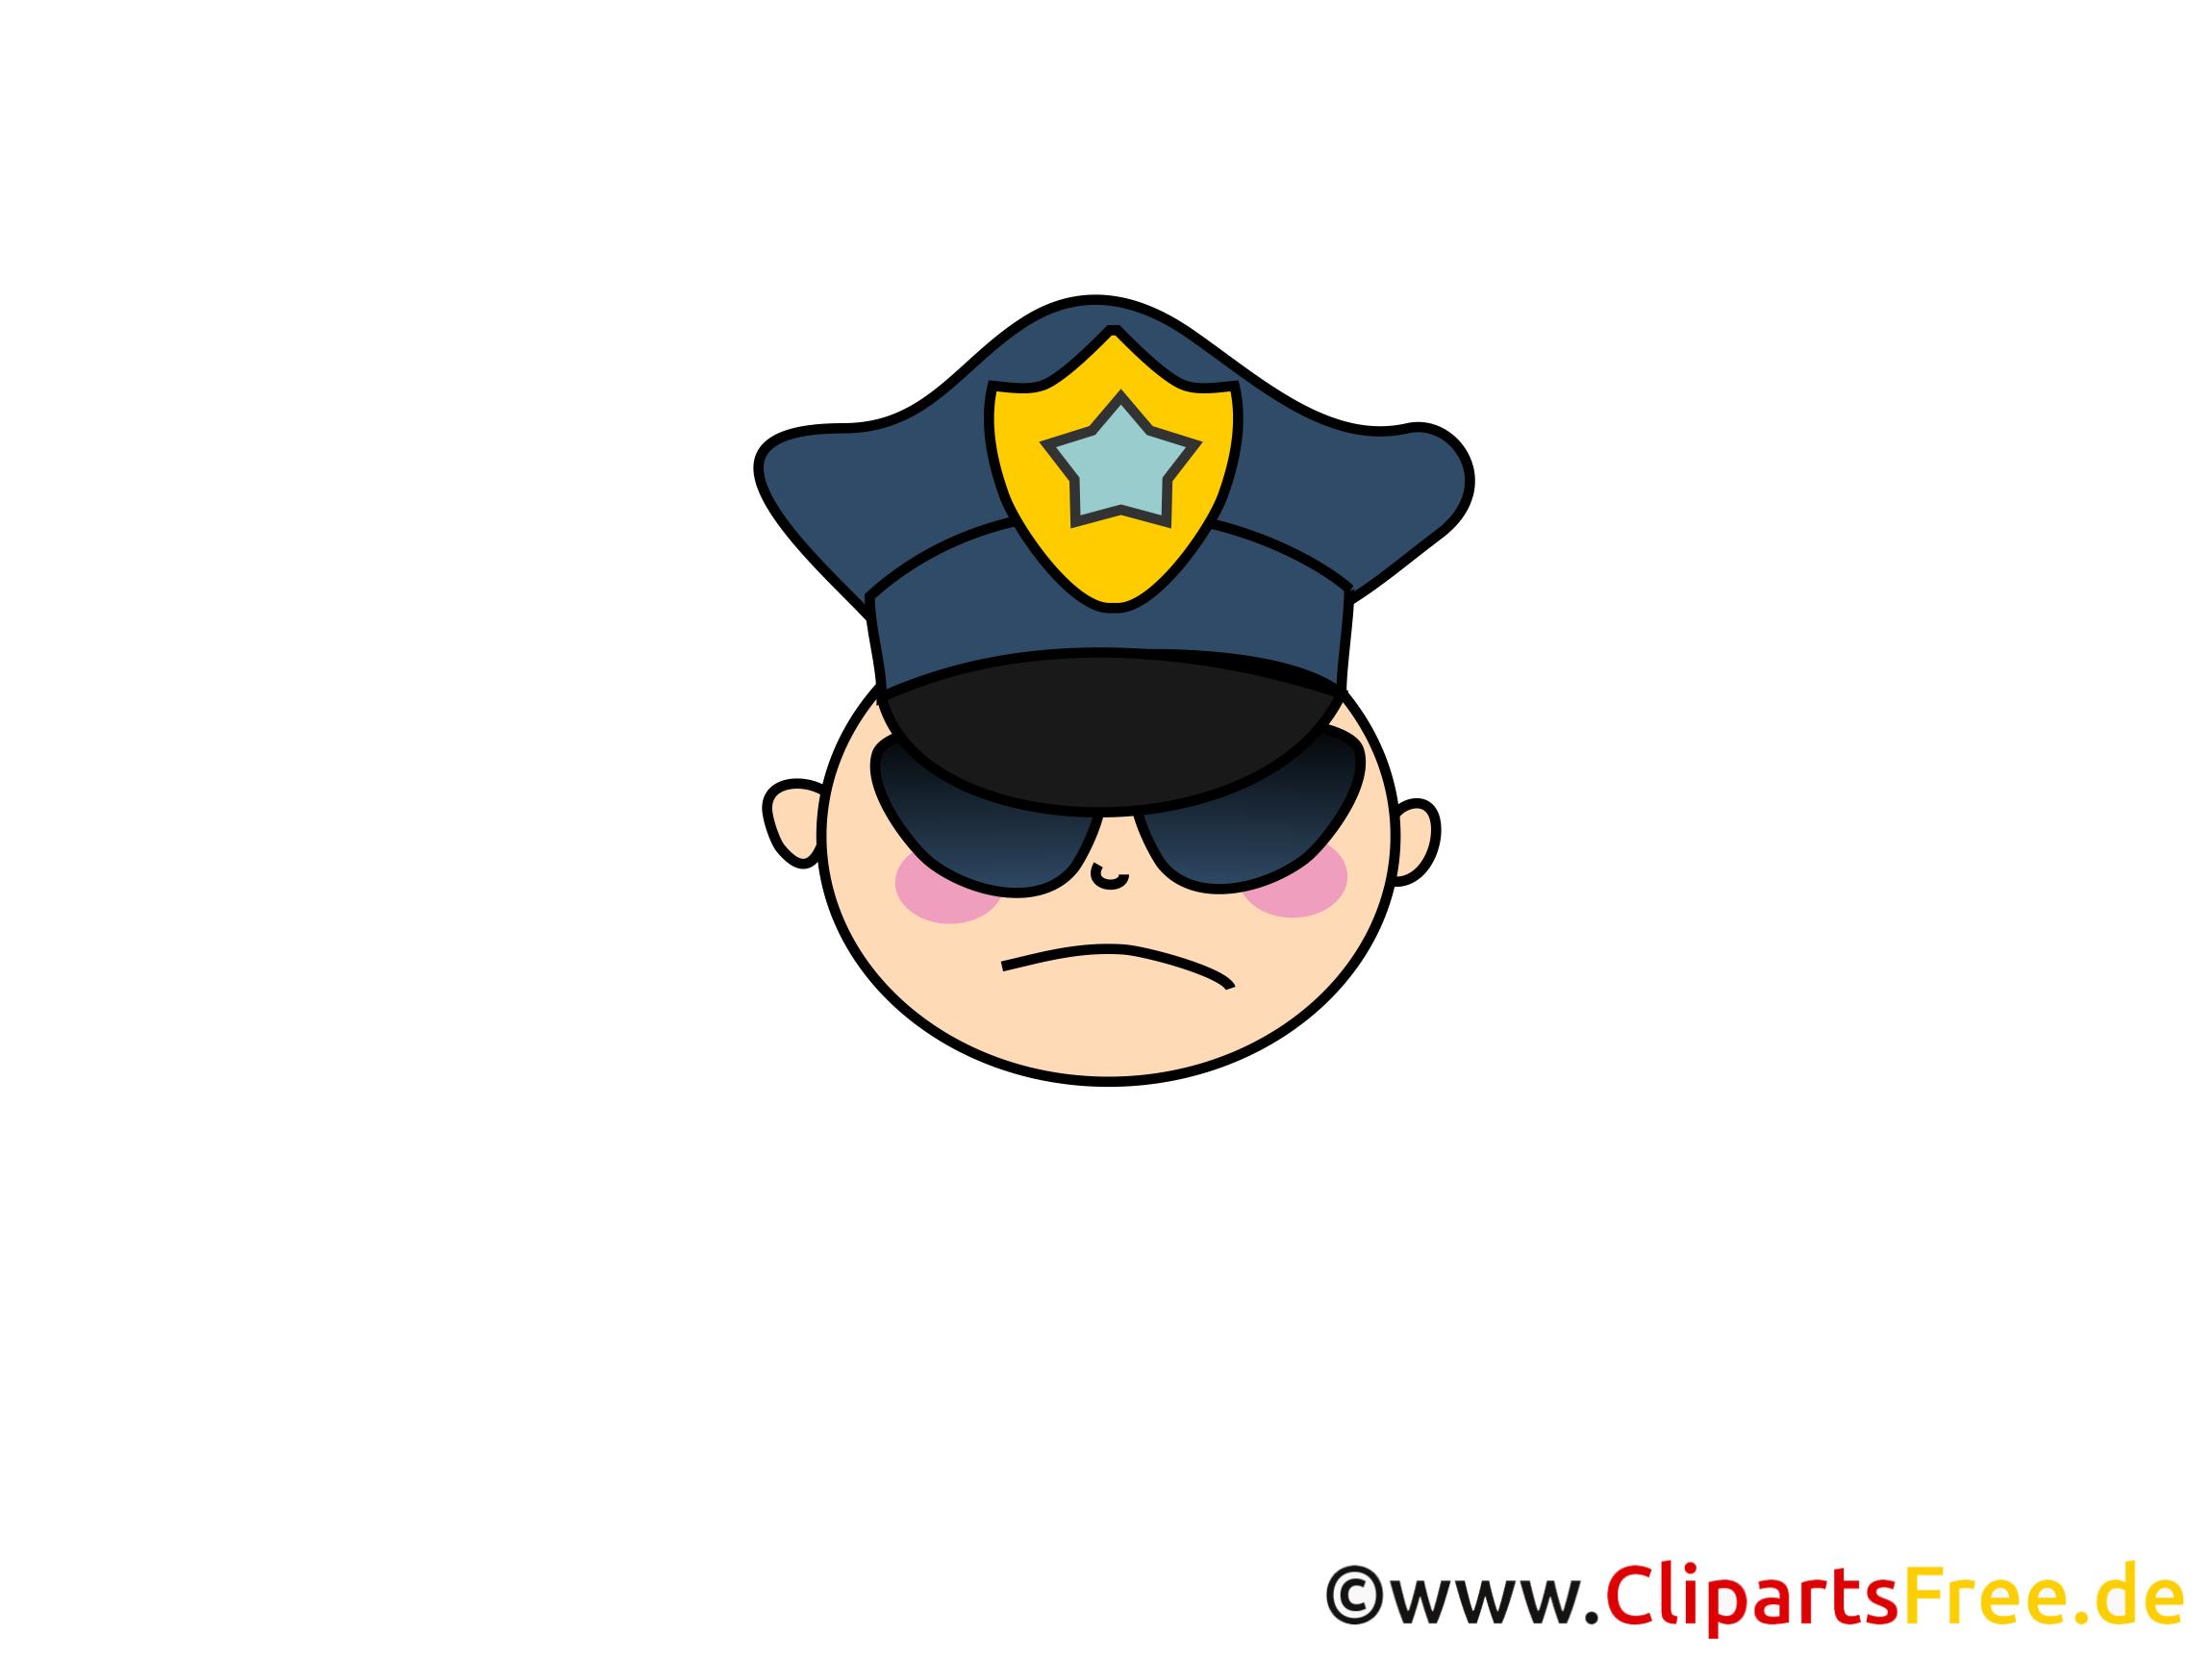 Policier cliparts gratuis - Personne images gratuites